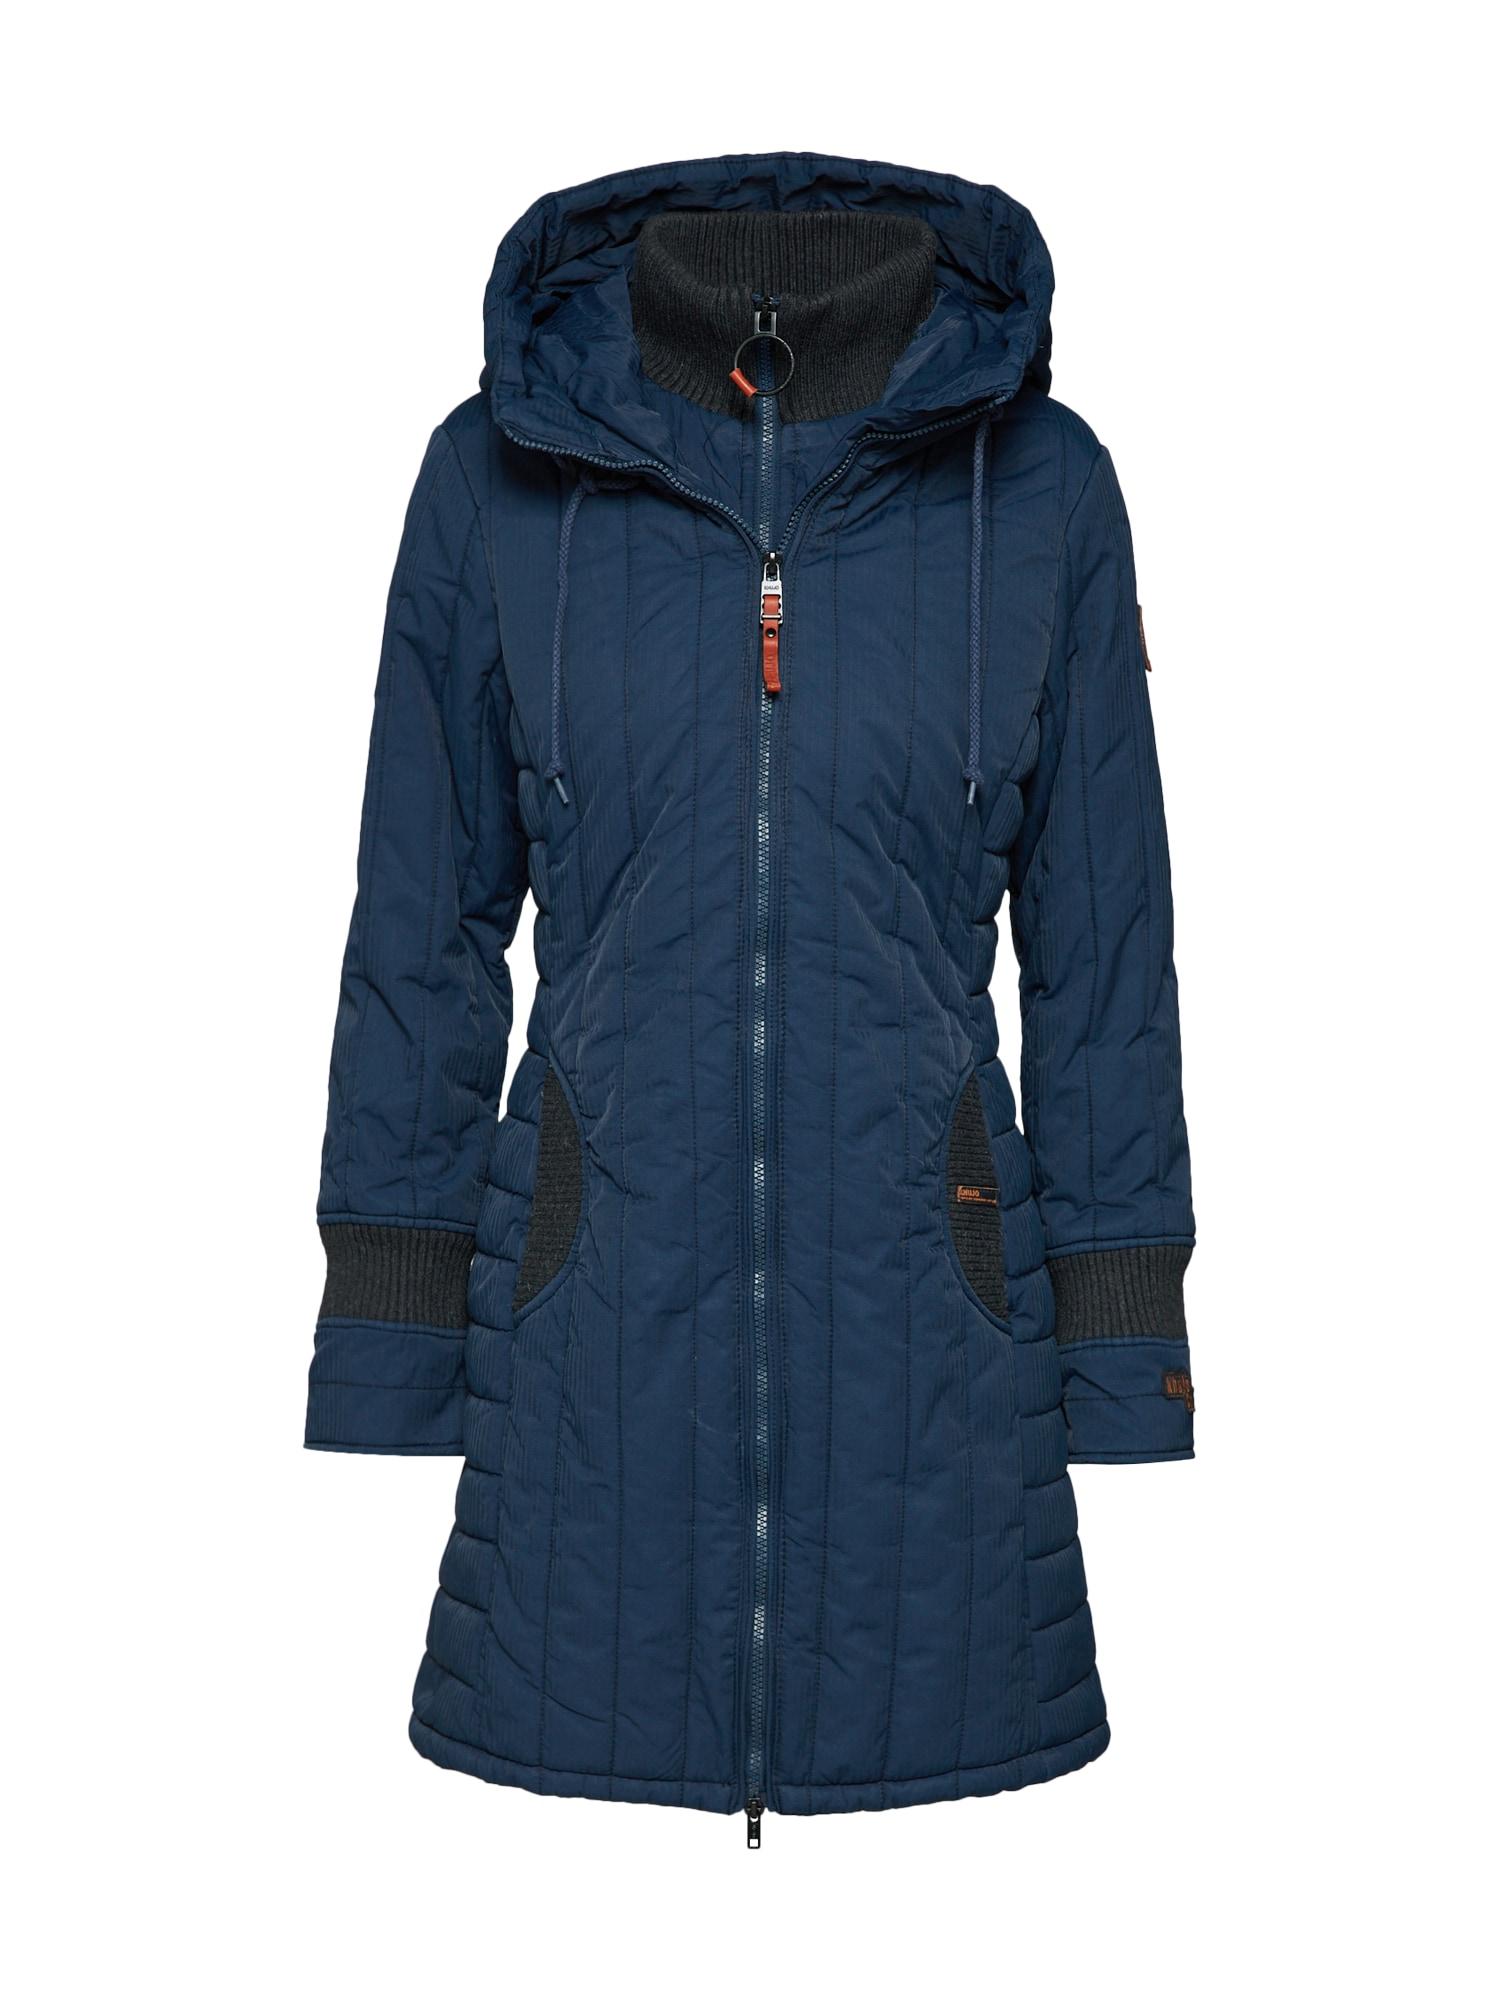 Zimní kabát JERRY PRIME2 modrá Khujo